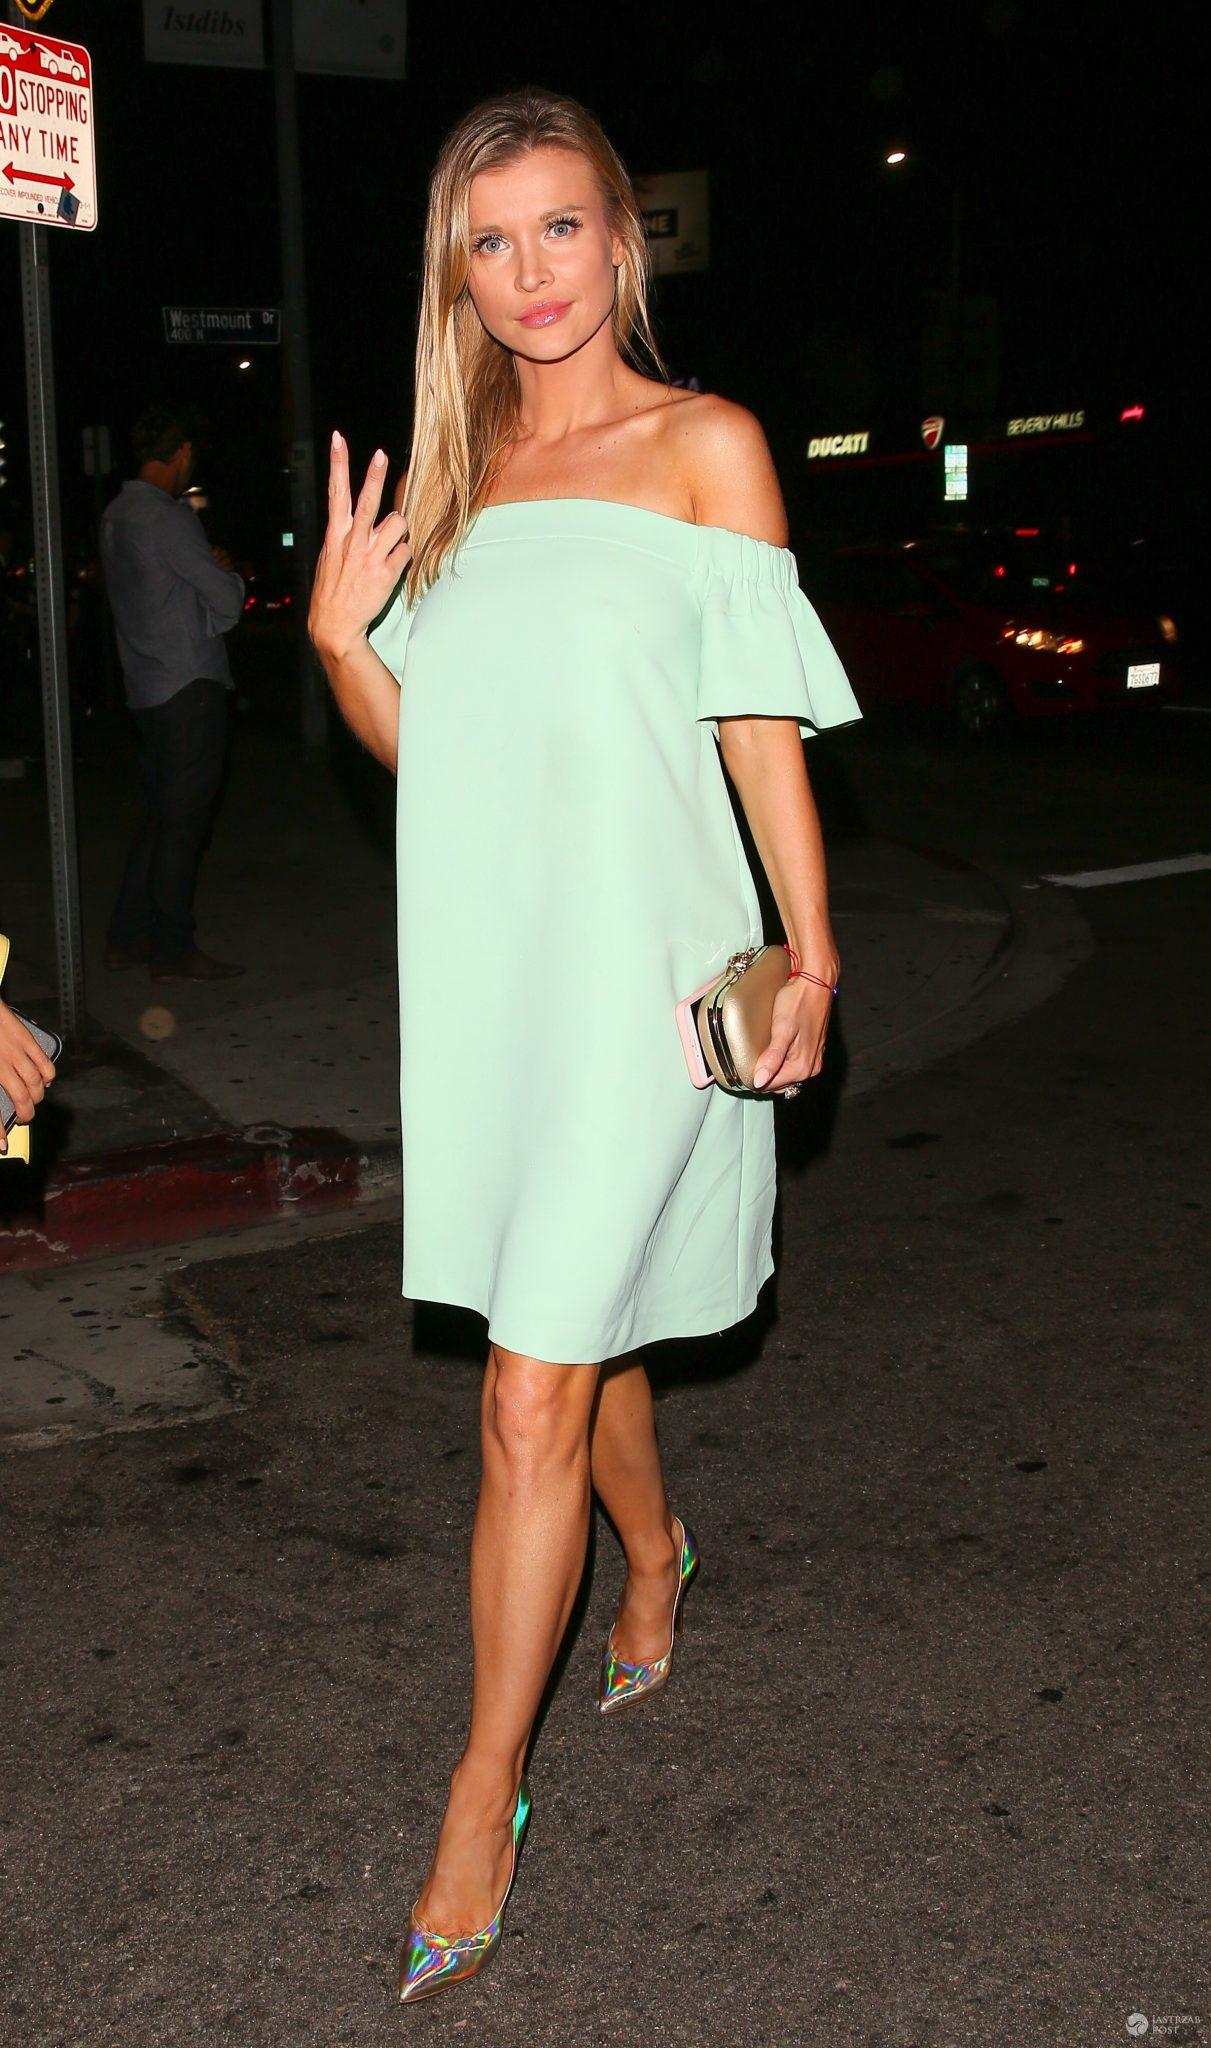 Joanna Krupa w sukience Bizuu na imprezie w Los Angeles